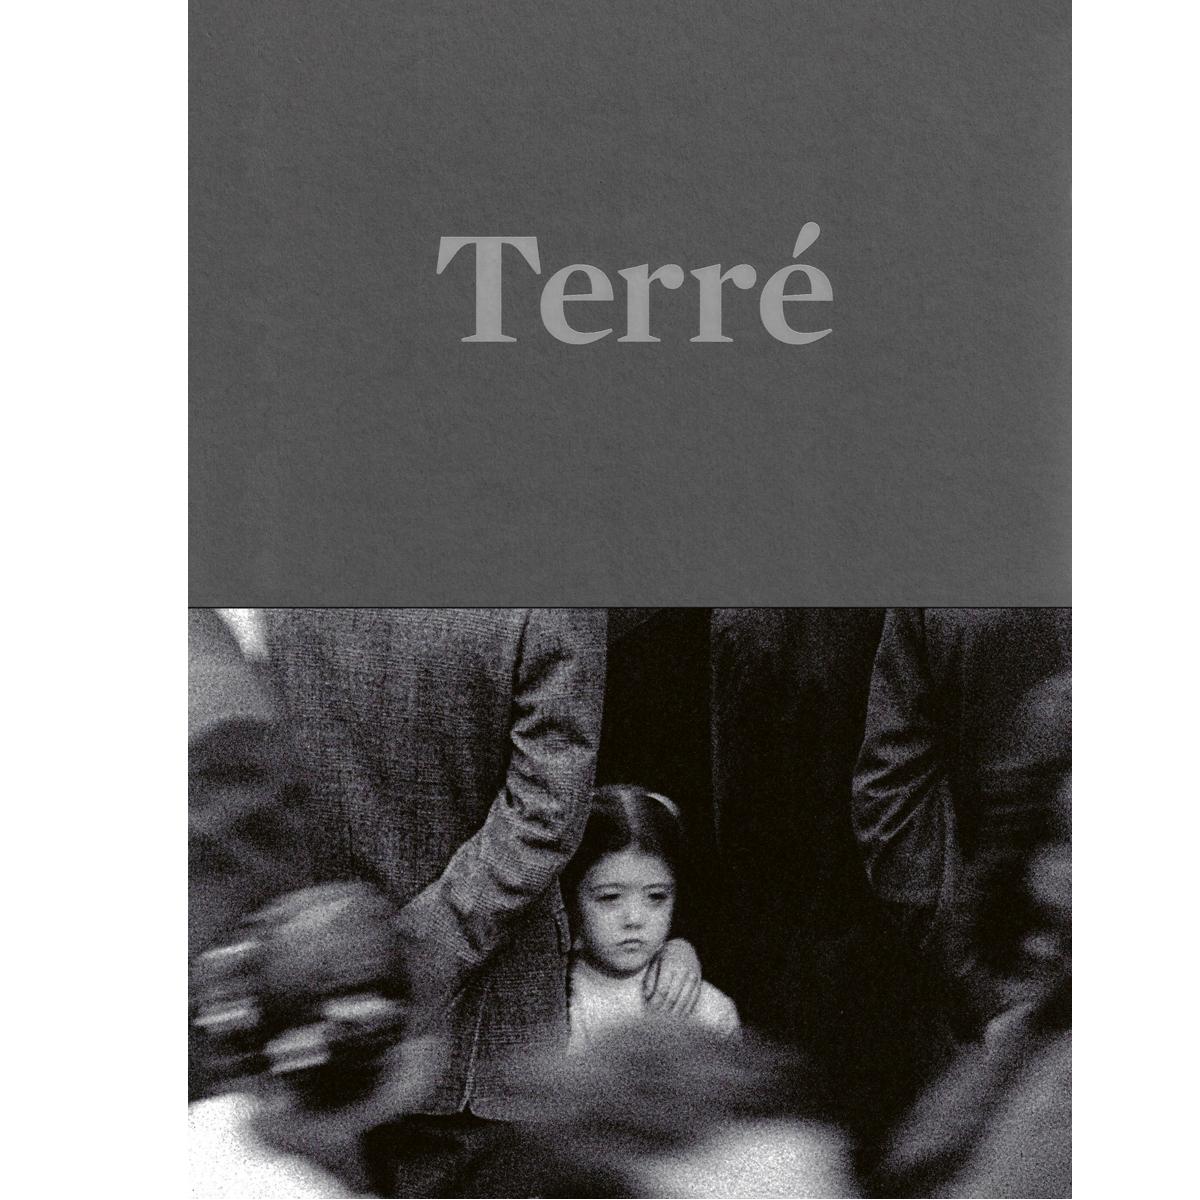 Ricard Terré